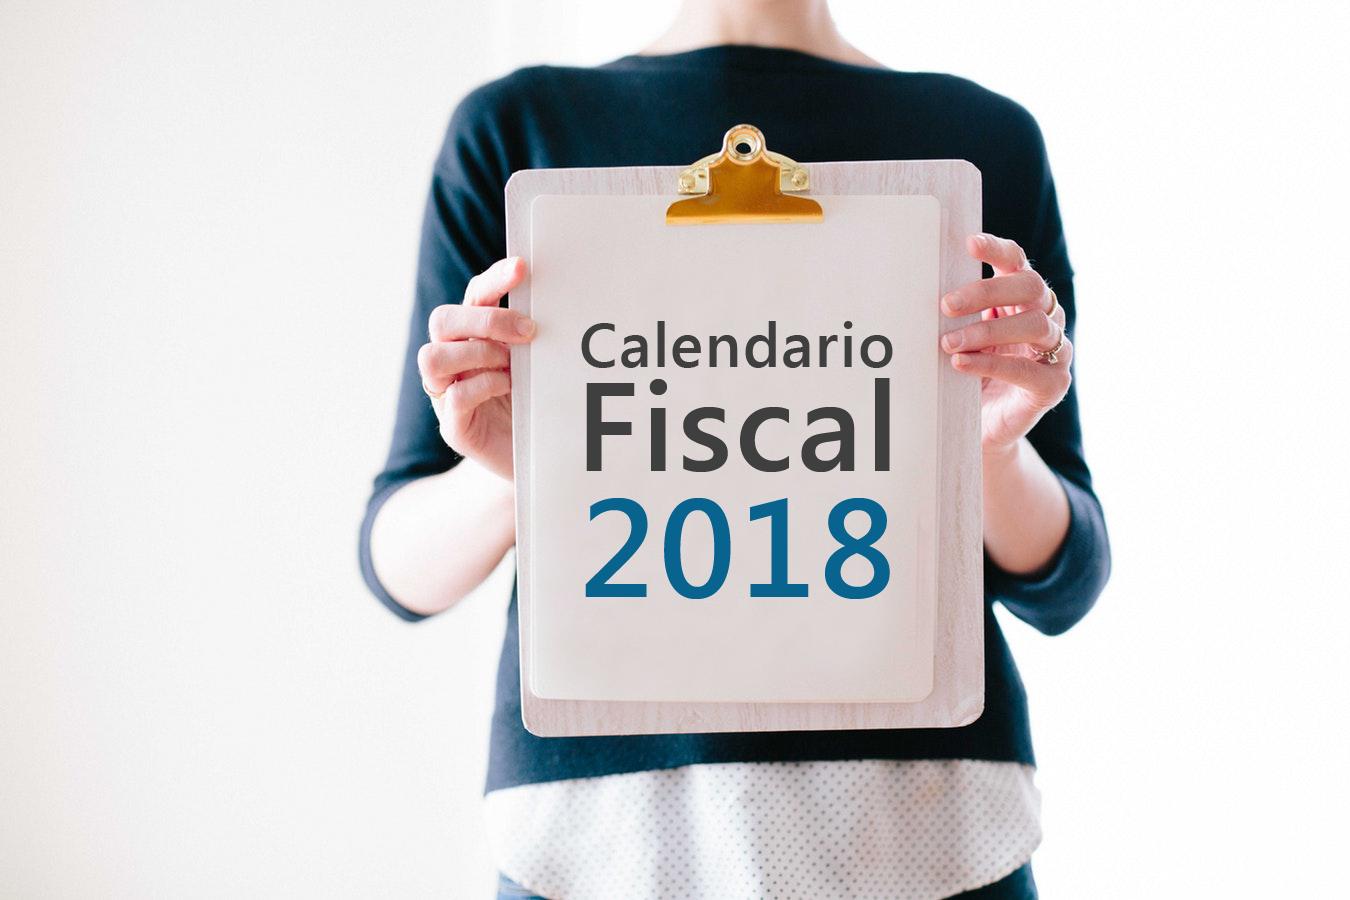 Calendario Fiscal 2018